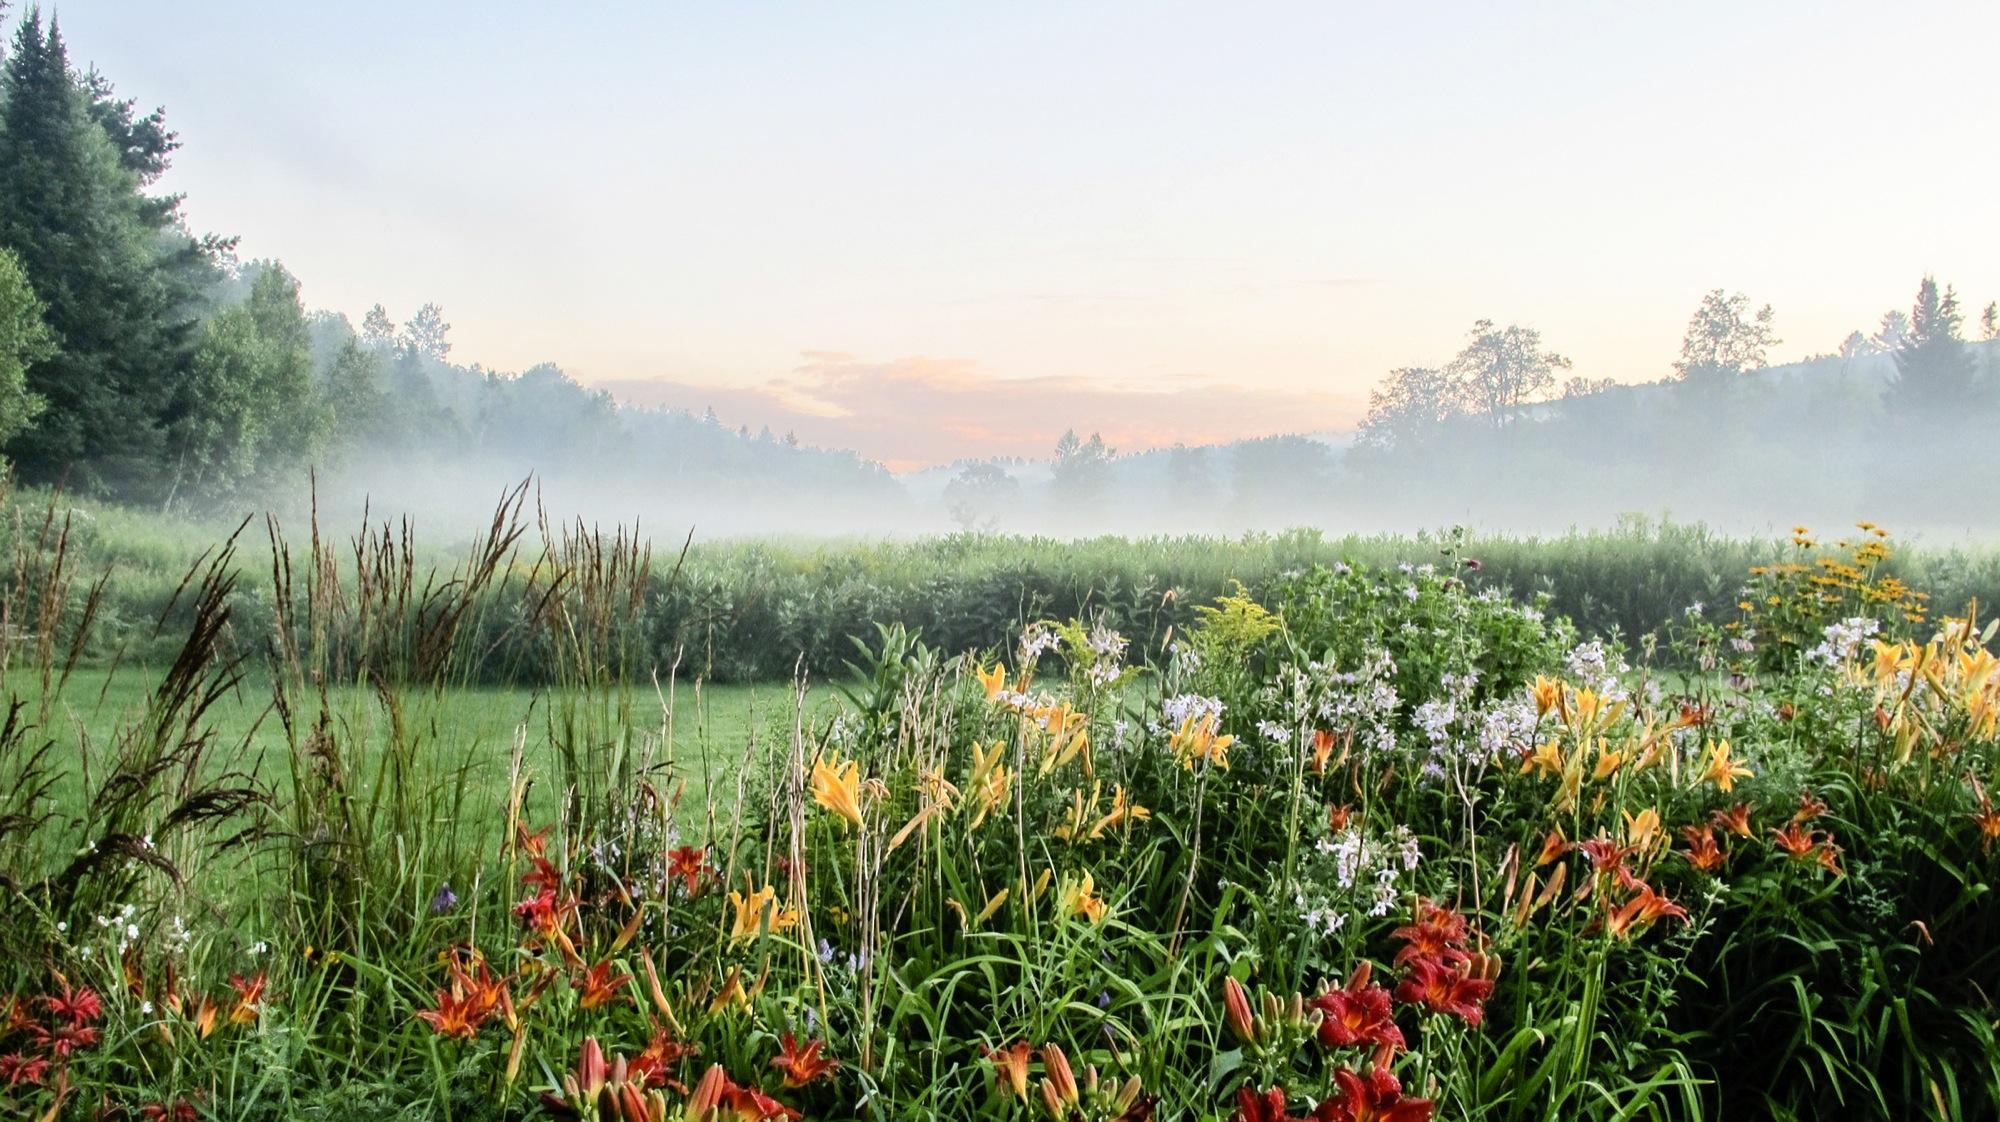 35-Lipke -- mist off the meadow.jpg